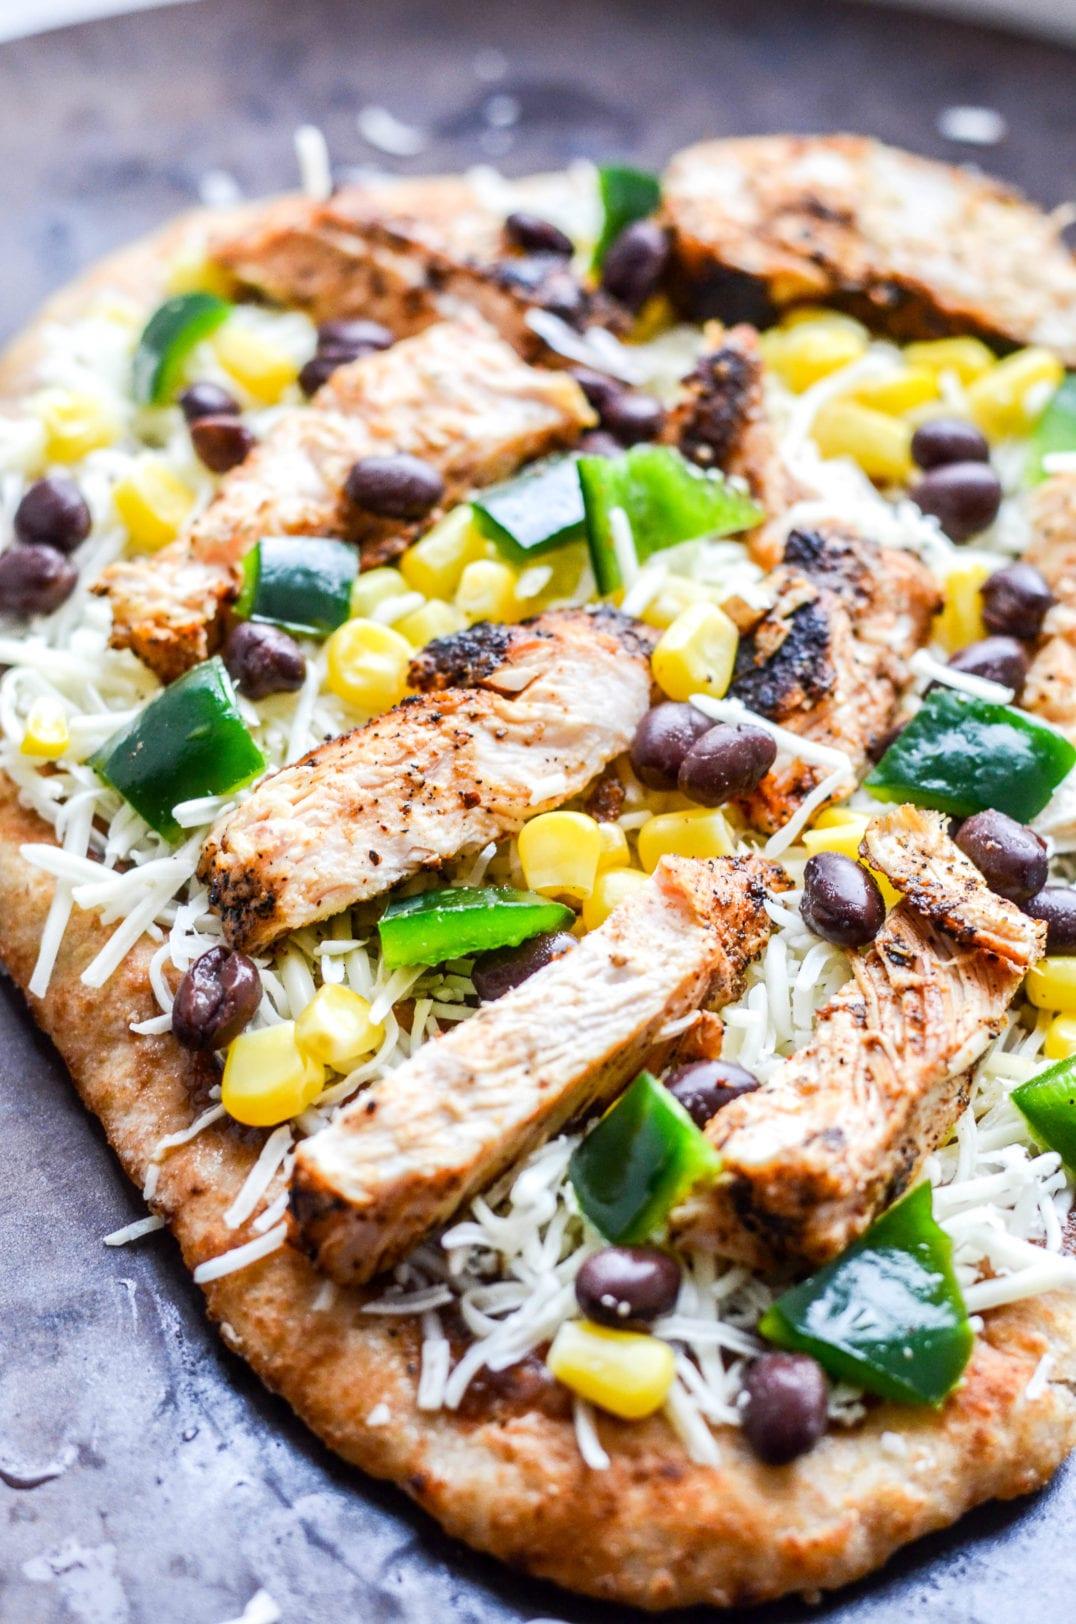 Southwestern Chicken Naan Pizza